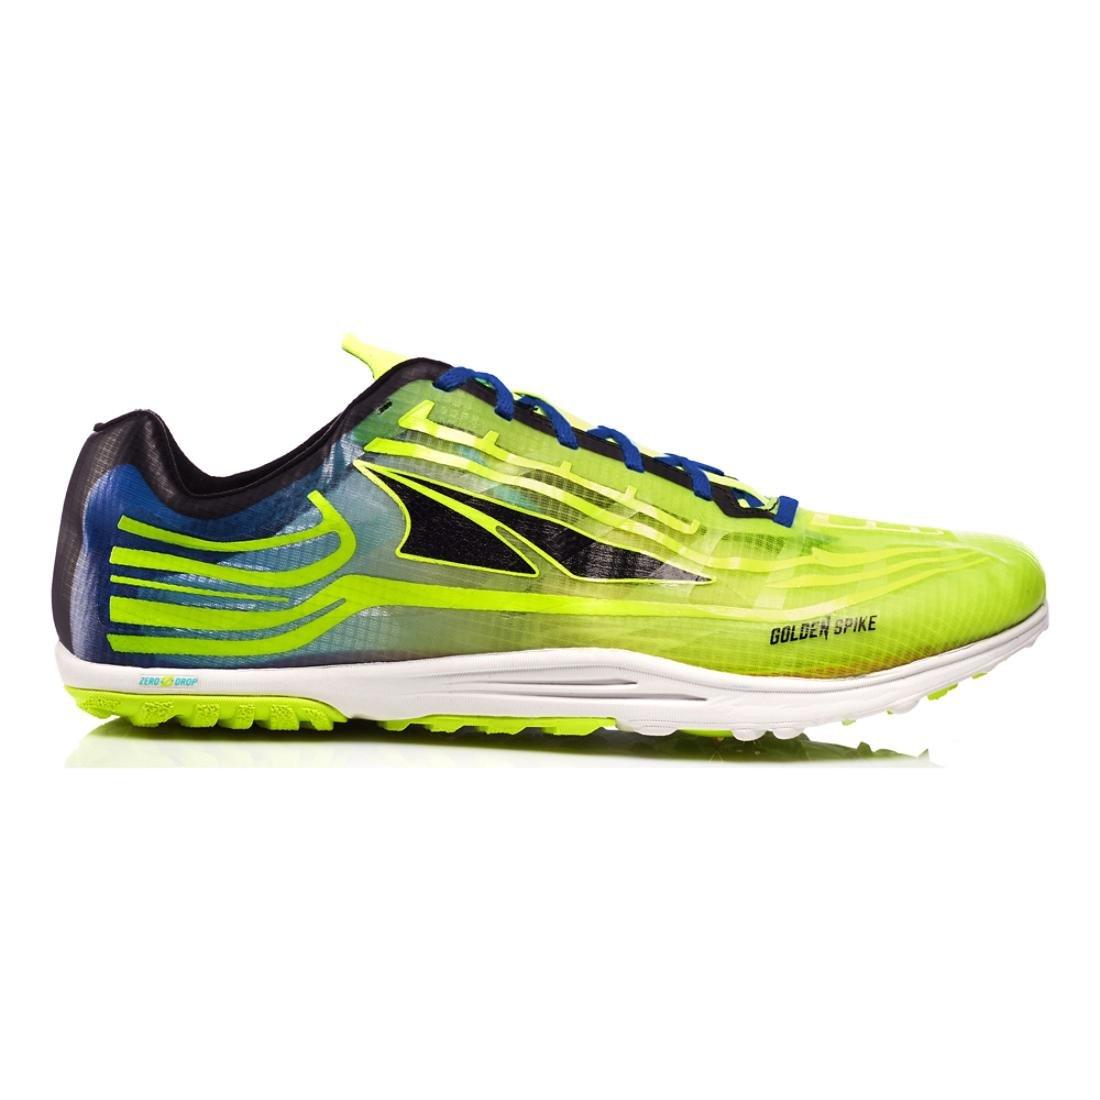 Altra Men's Golden Spike Running Shoe B01NBN409V 11 M US Women / 9.5 M US Men|Lime/Blue